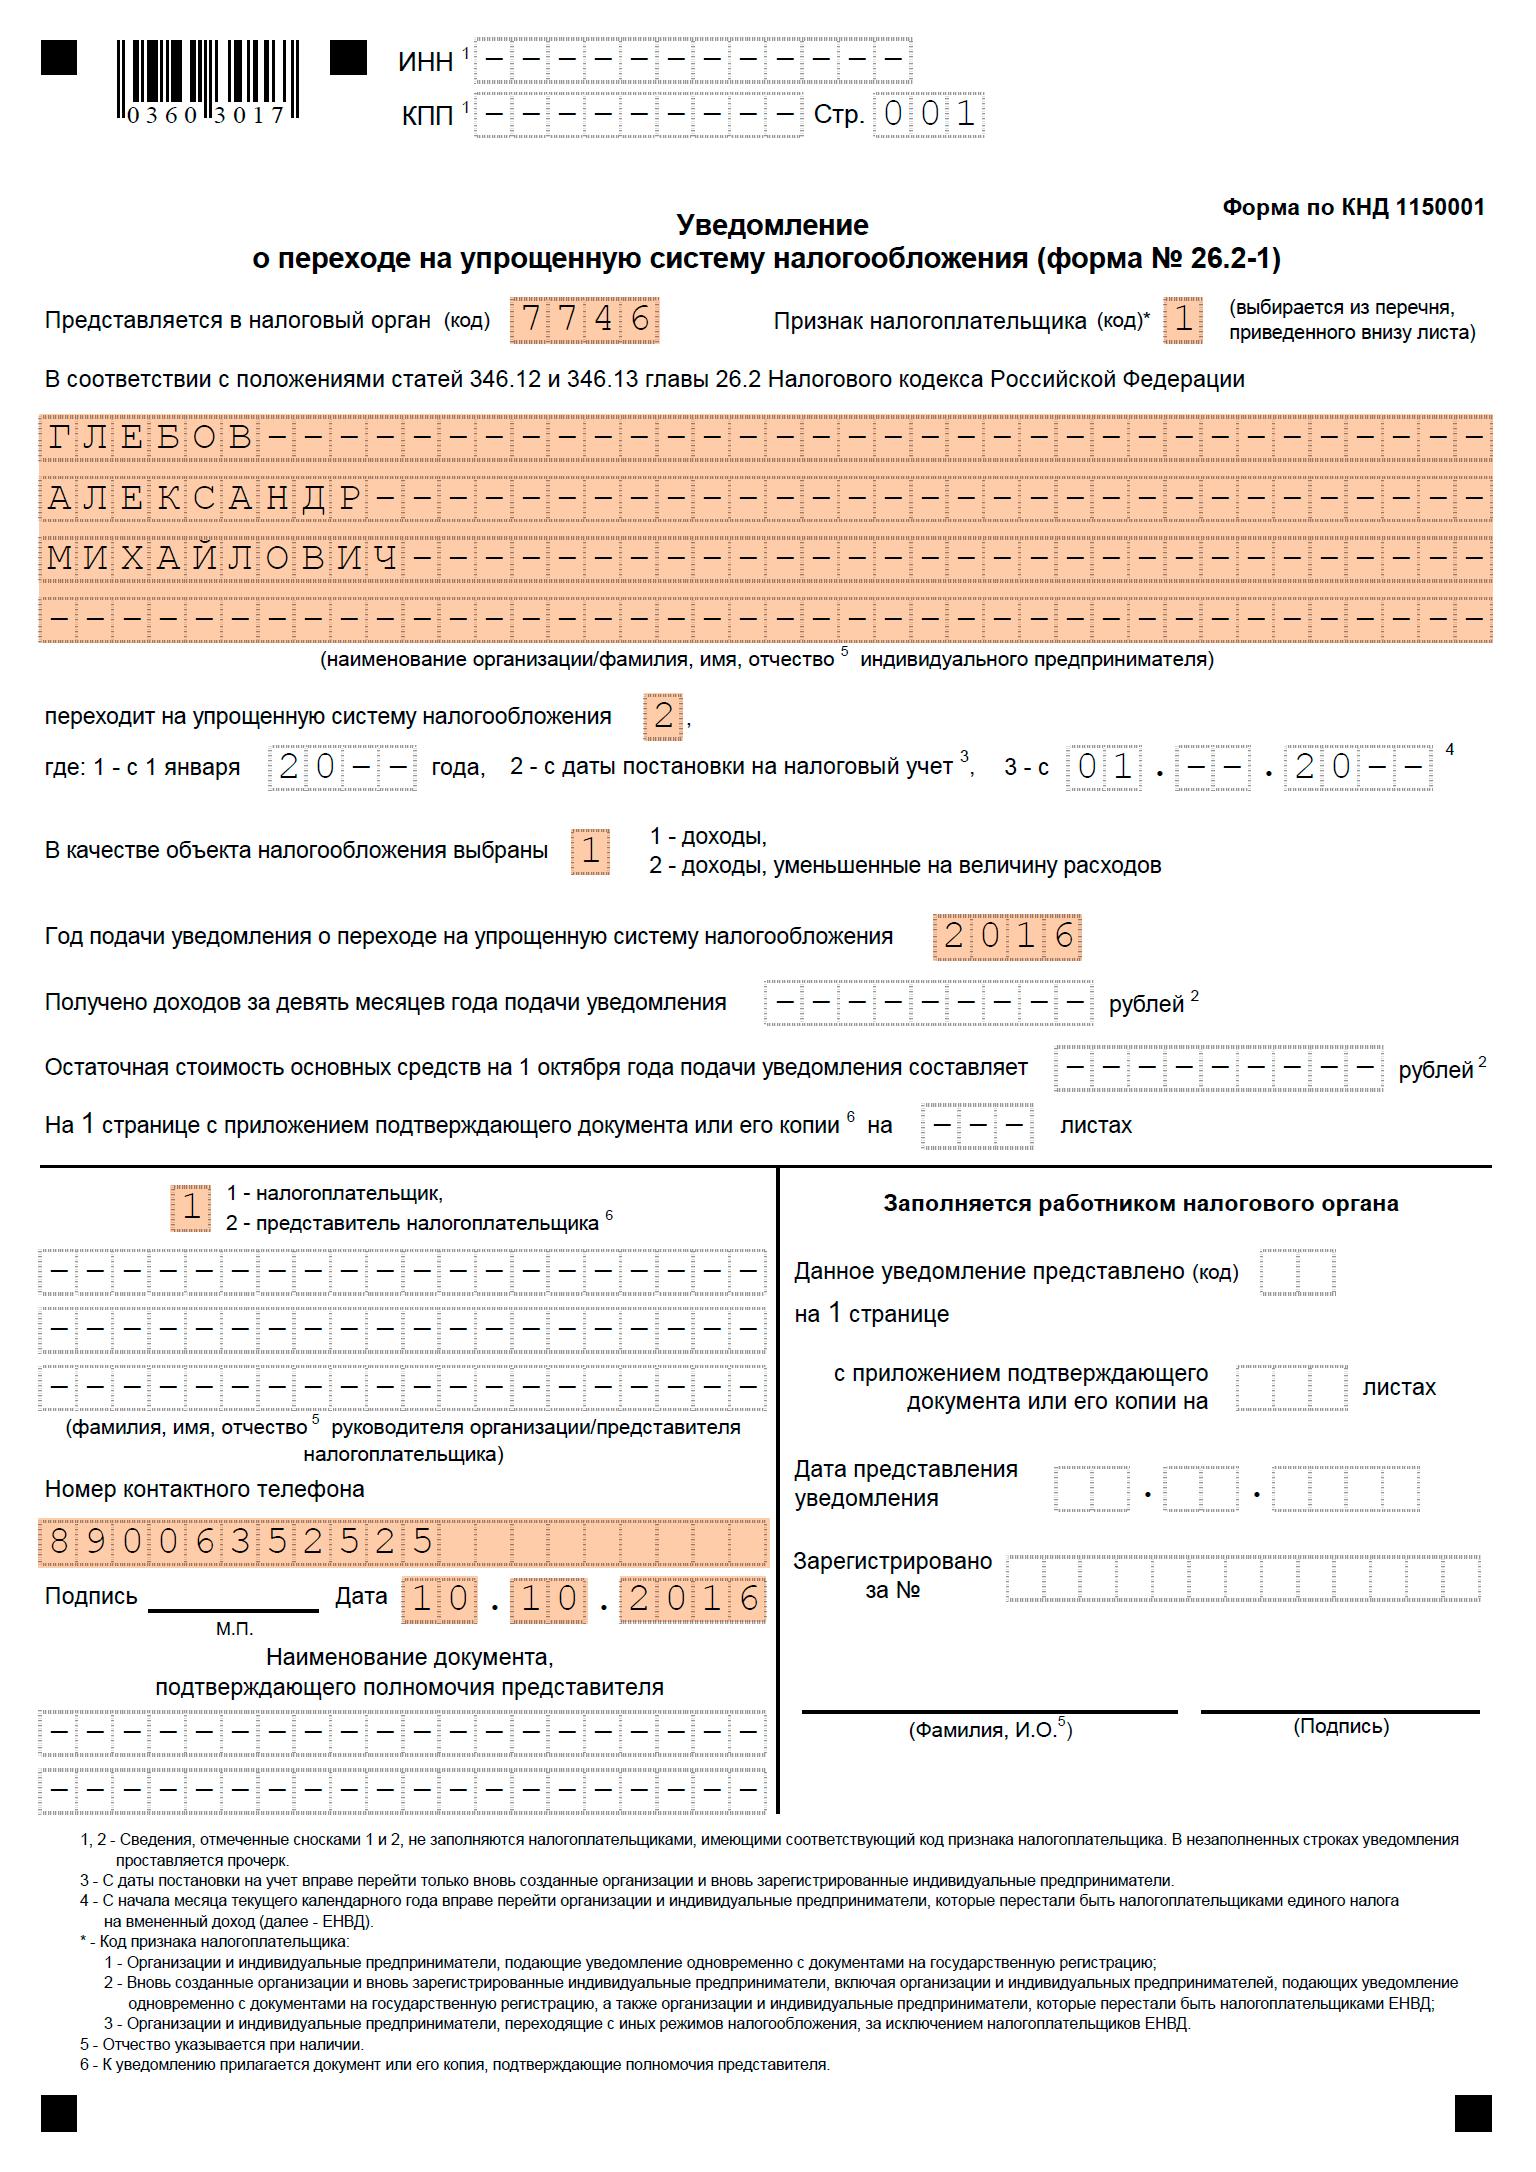 Форма заявления на регистрацию ооо 2017